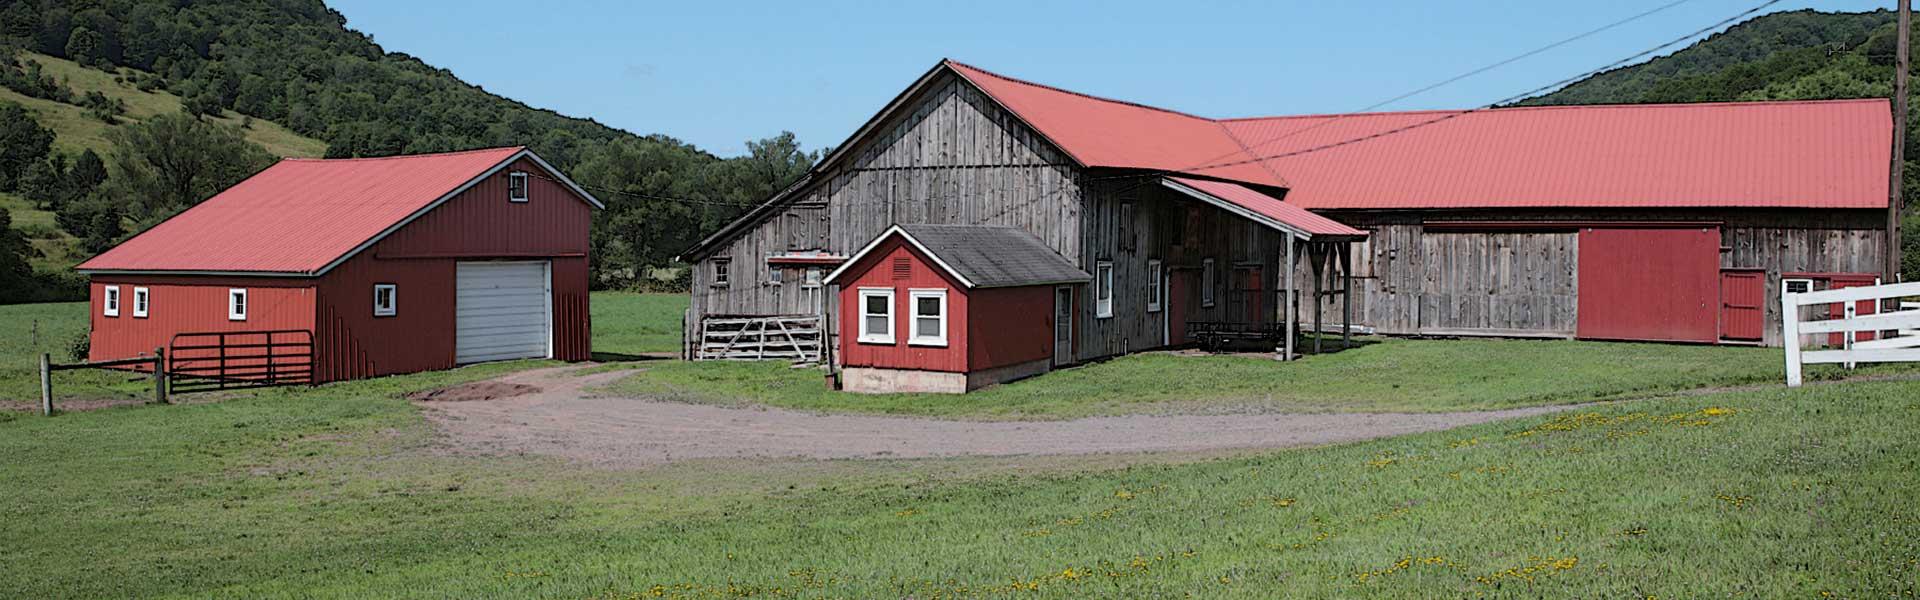 Farm Insurance in Walton, Oneonta, Hobart, Andes, NY, Margaretville, NY